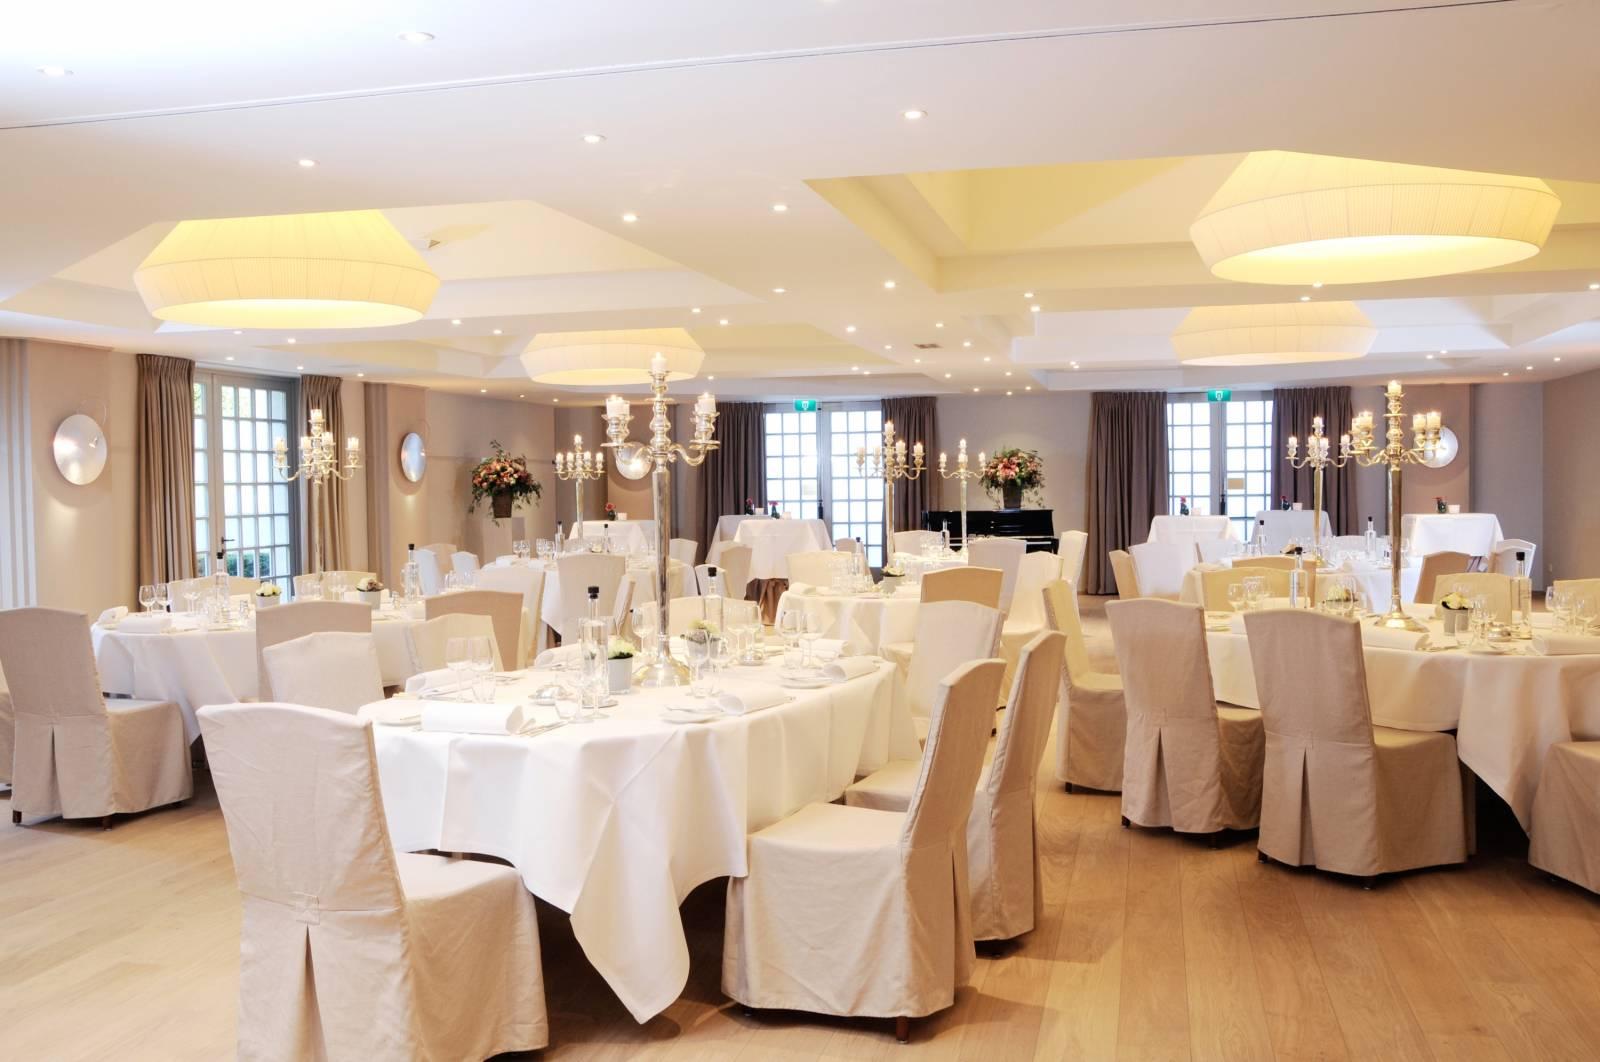 La butte aux bois - House of Weddings - 6